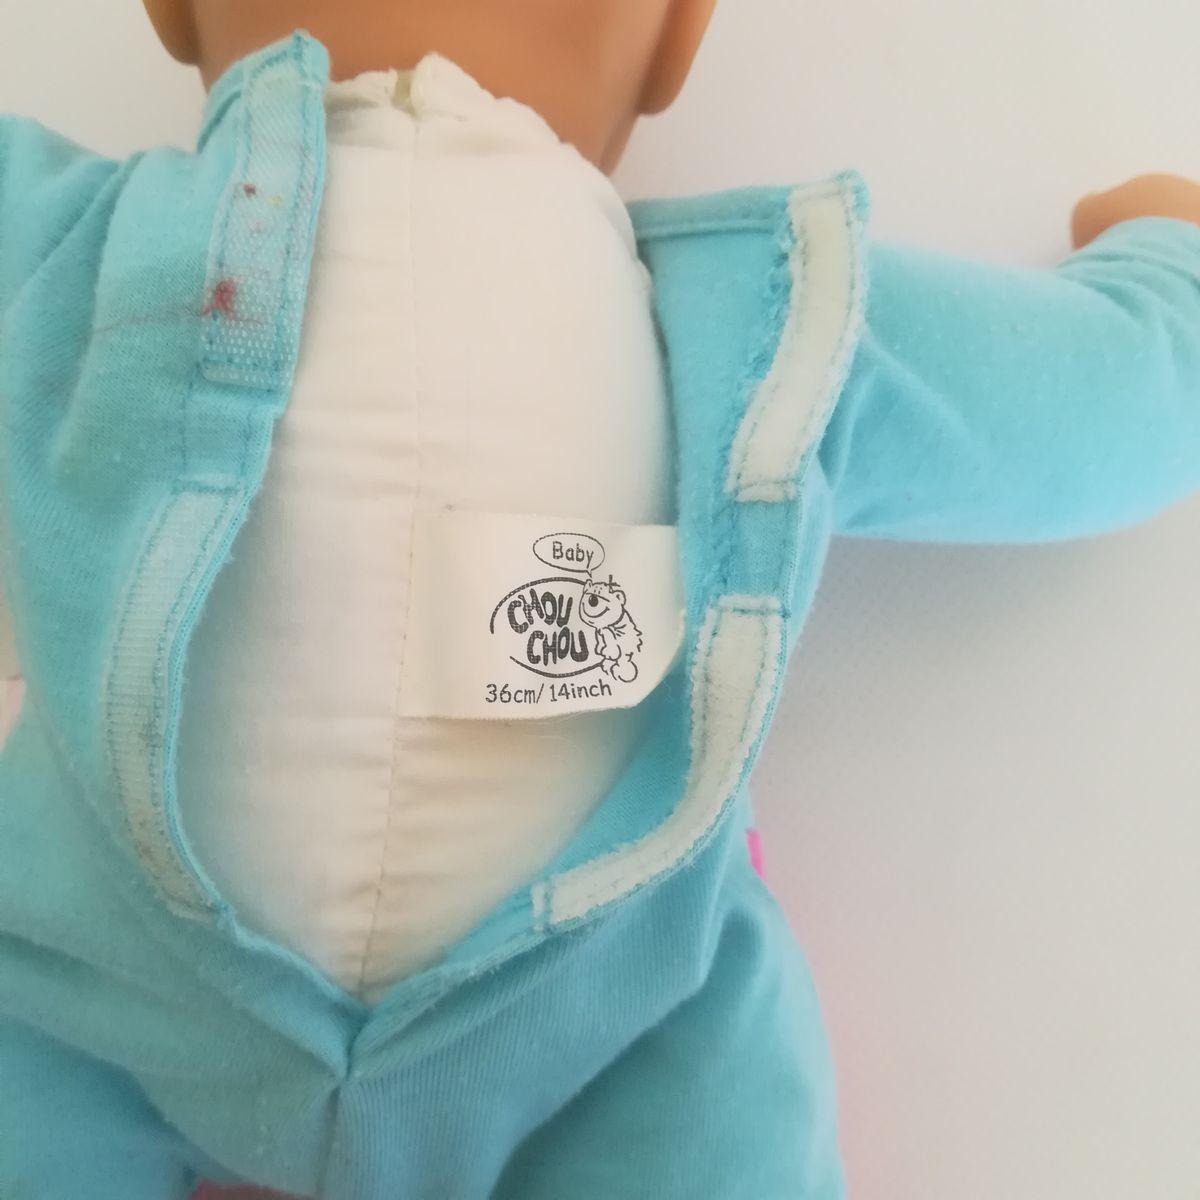 ... Zapf Baby Chou Chou csecsemő baba eredeti rugdalózójában ... 05566c322d